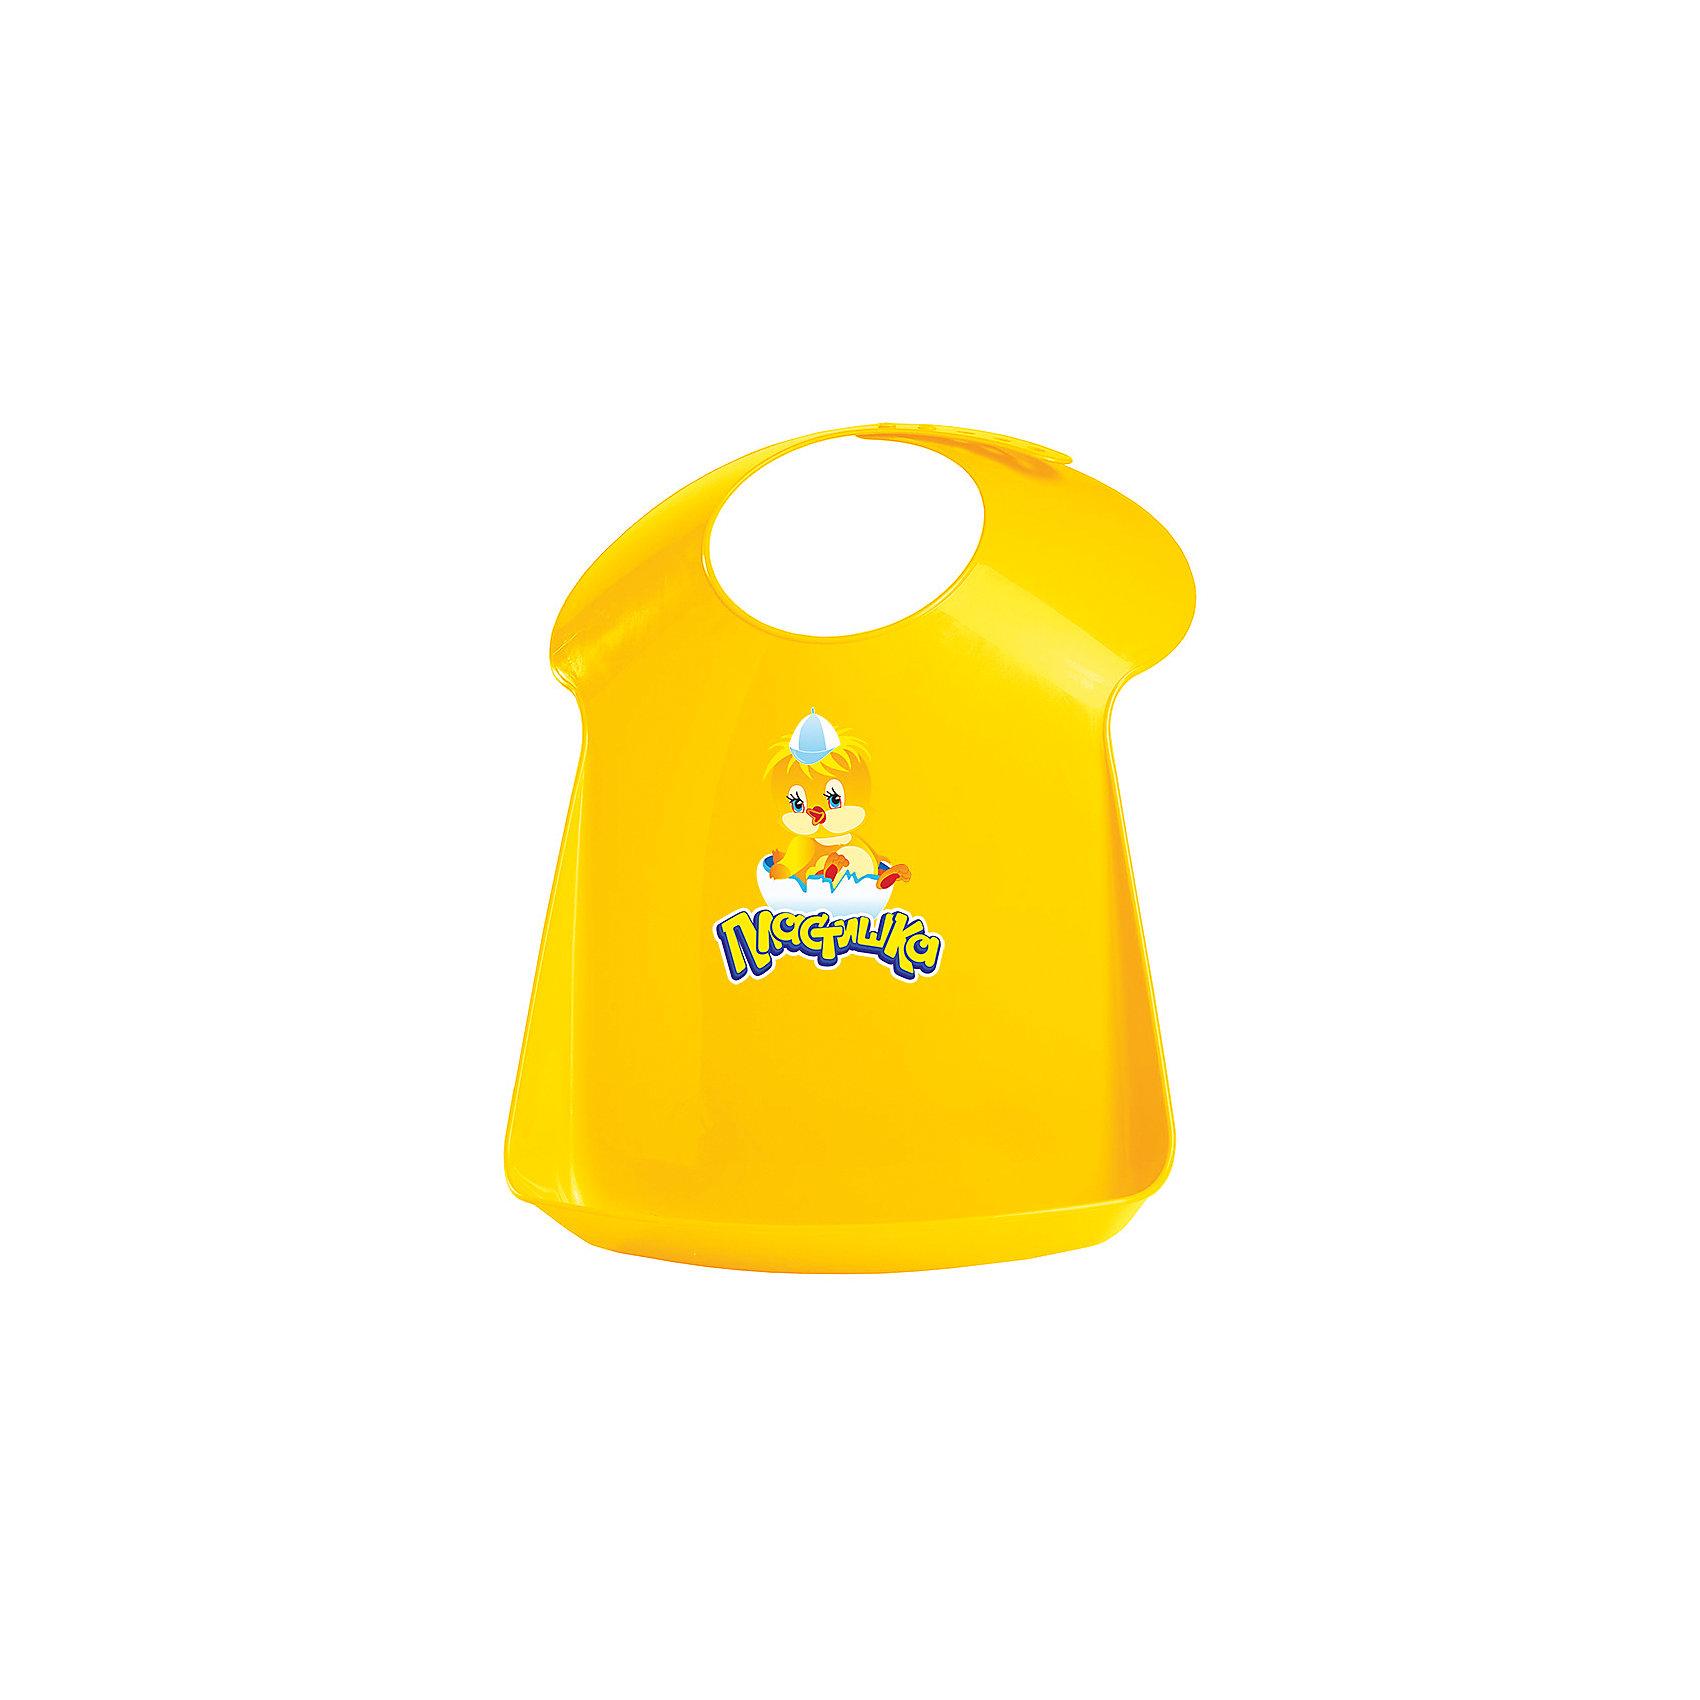 Нагрудник Пластишка, желтый